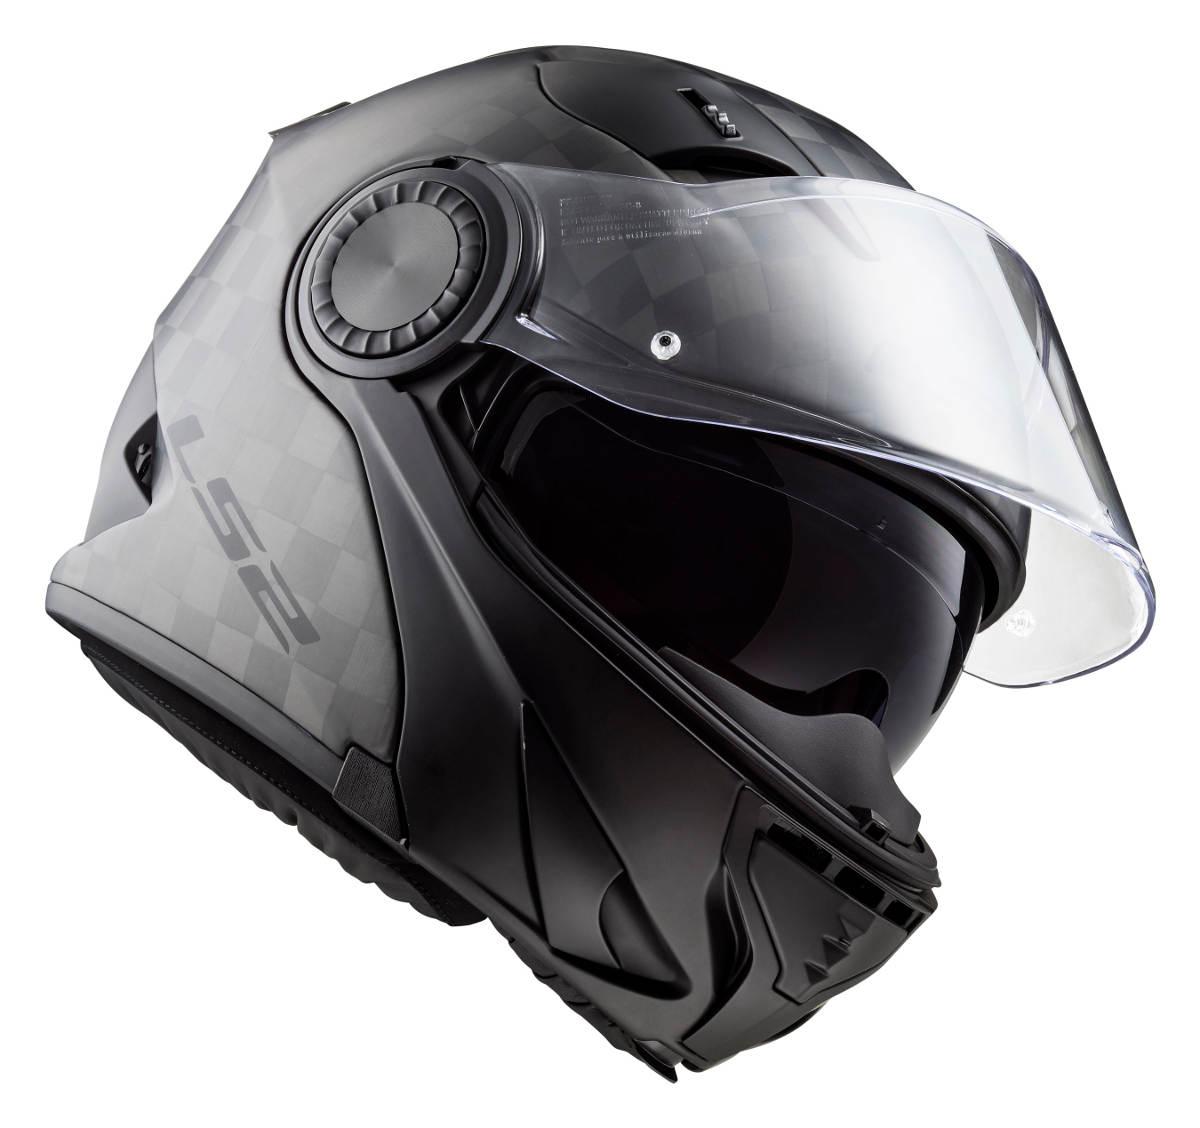 The new LS2 Vortex Carbon Fibre Modular Motorcycle Helmet